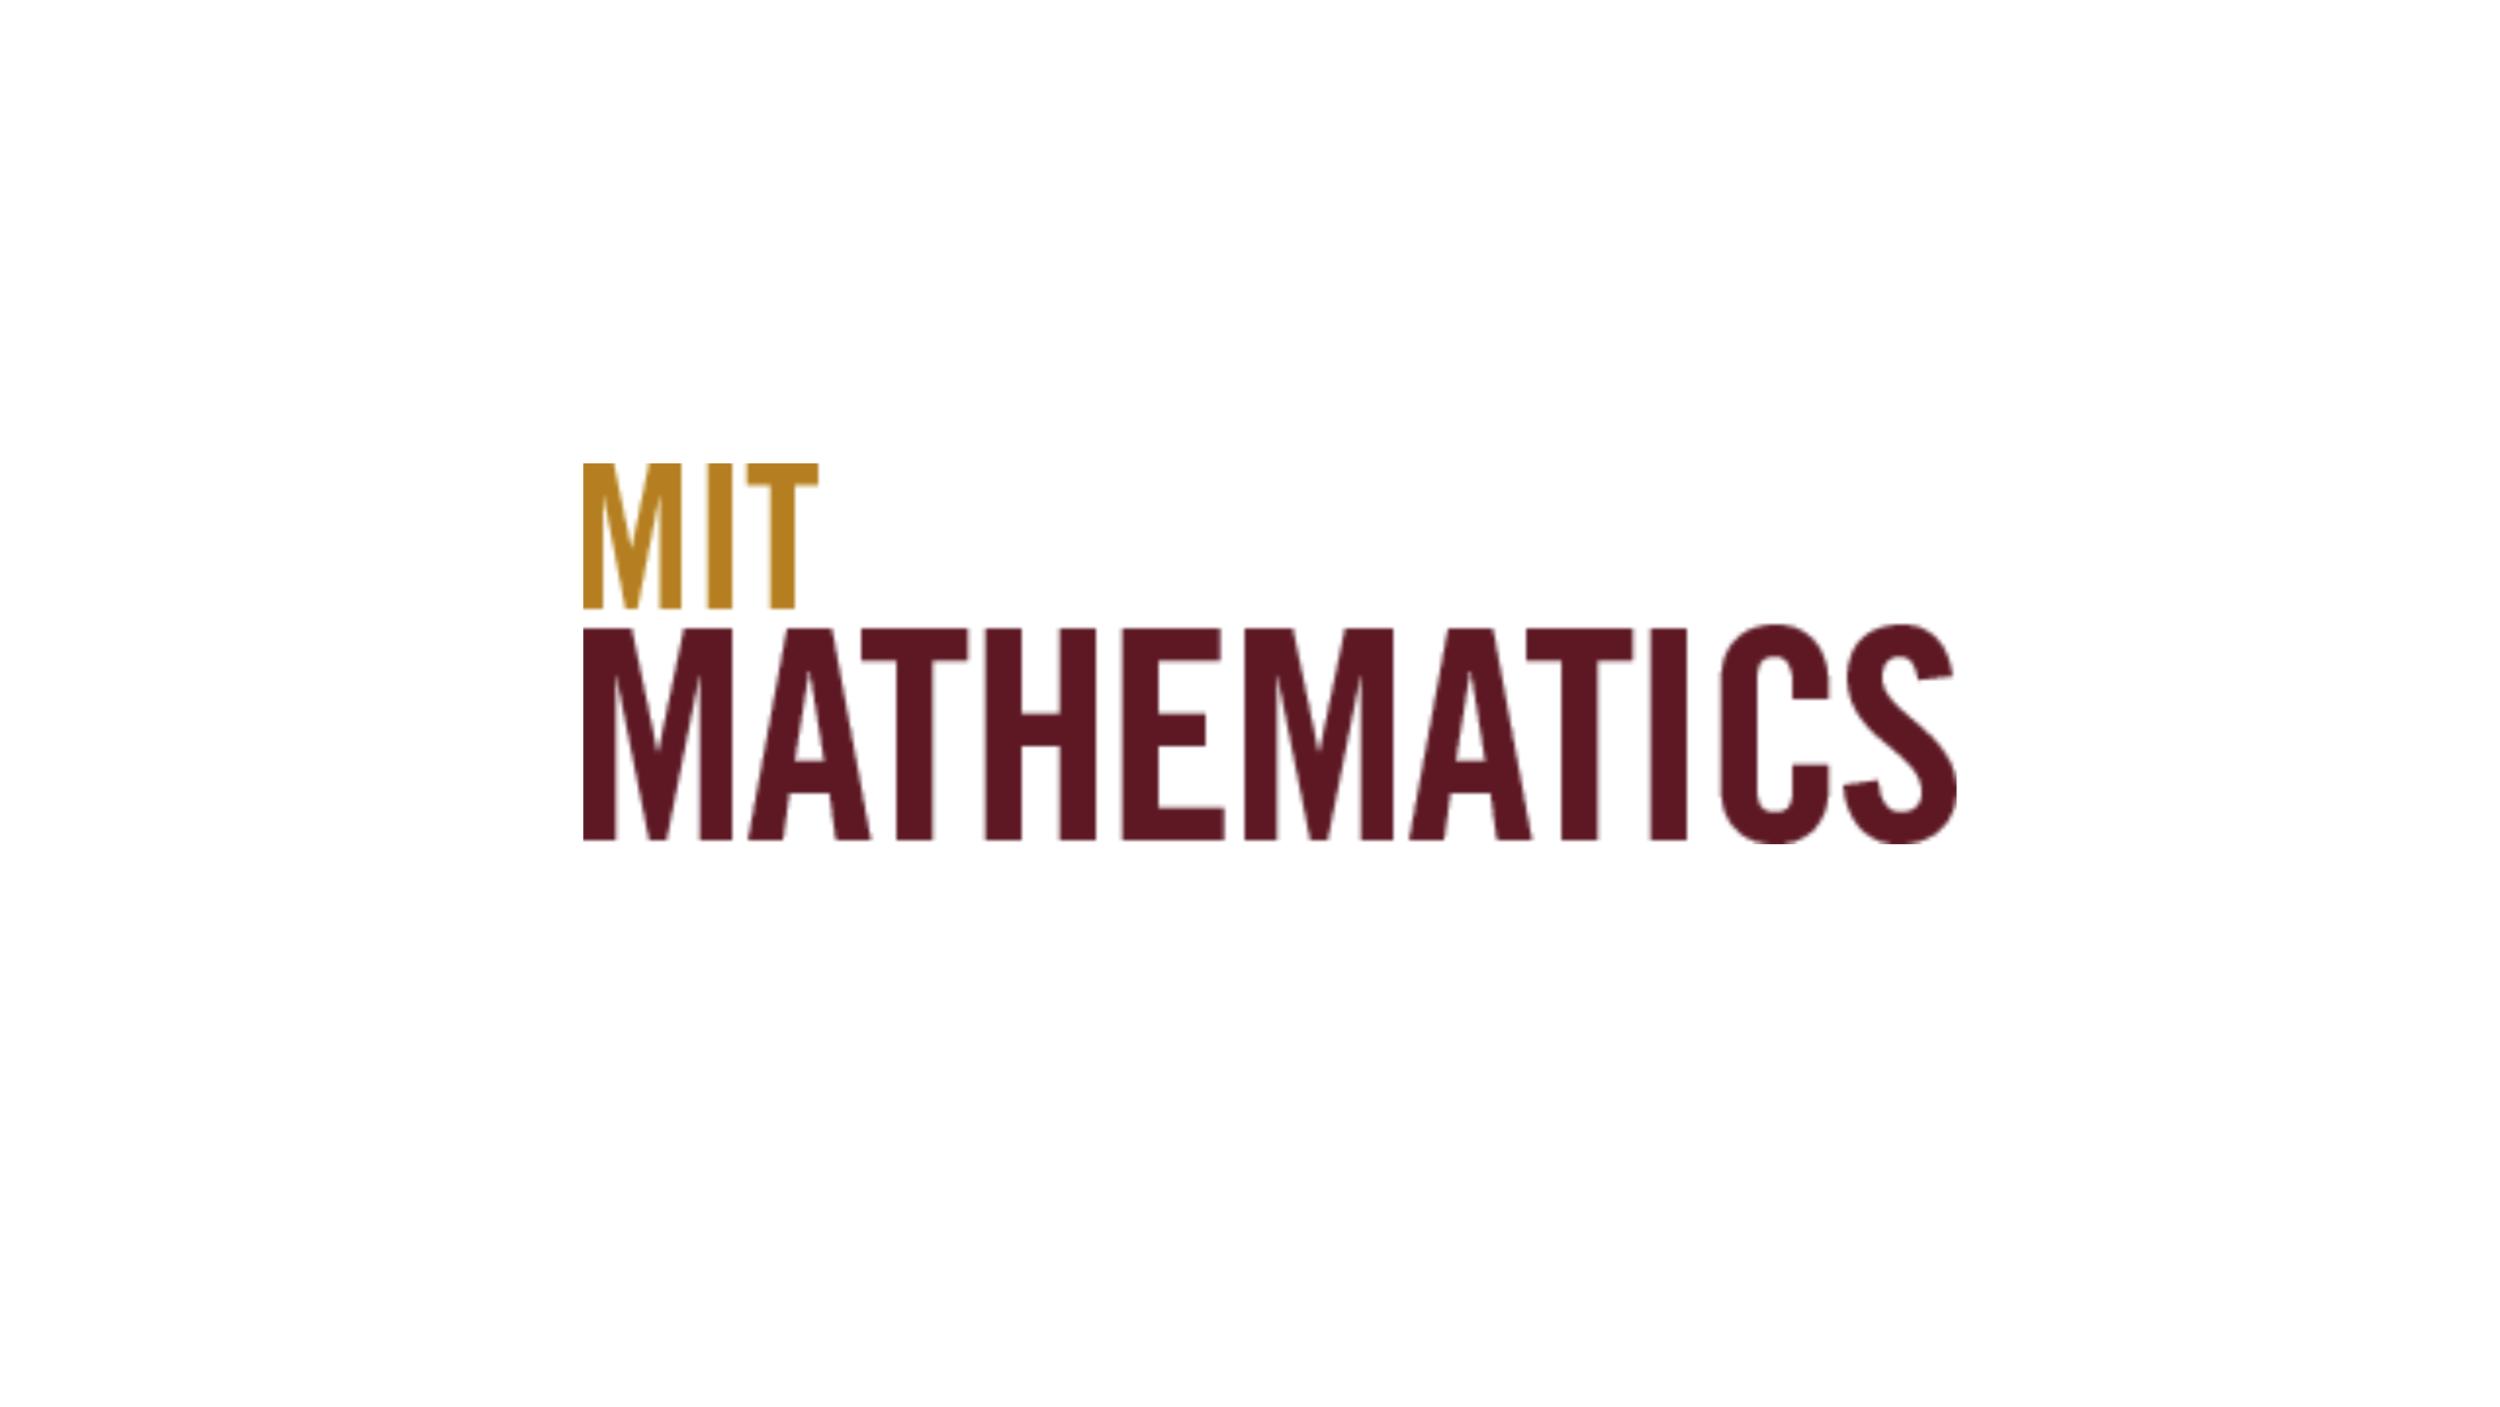 mit mathematics logo.png